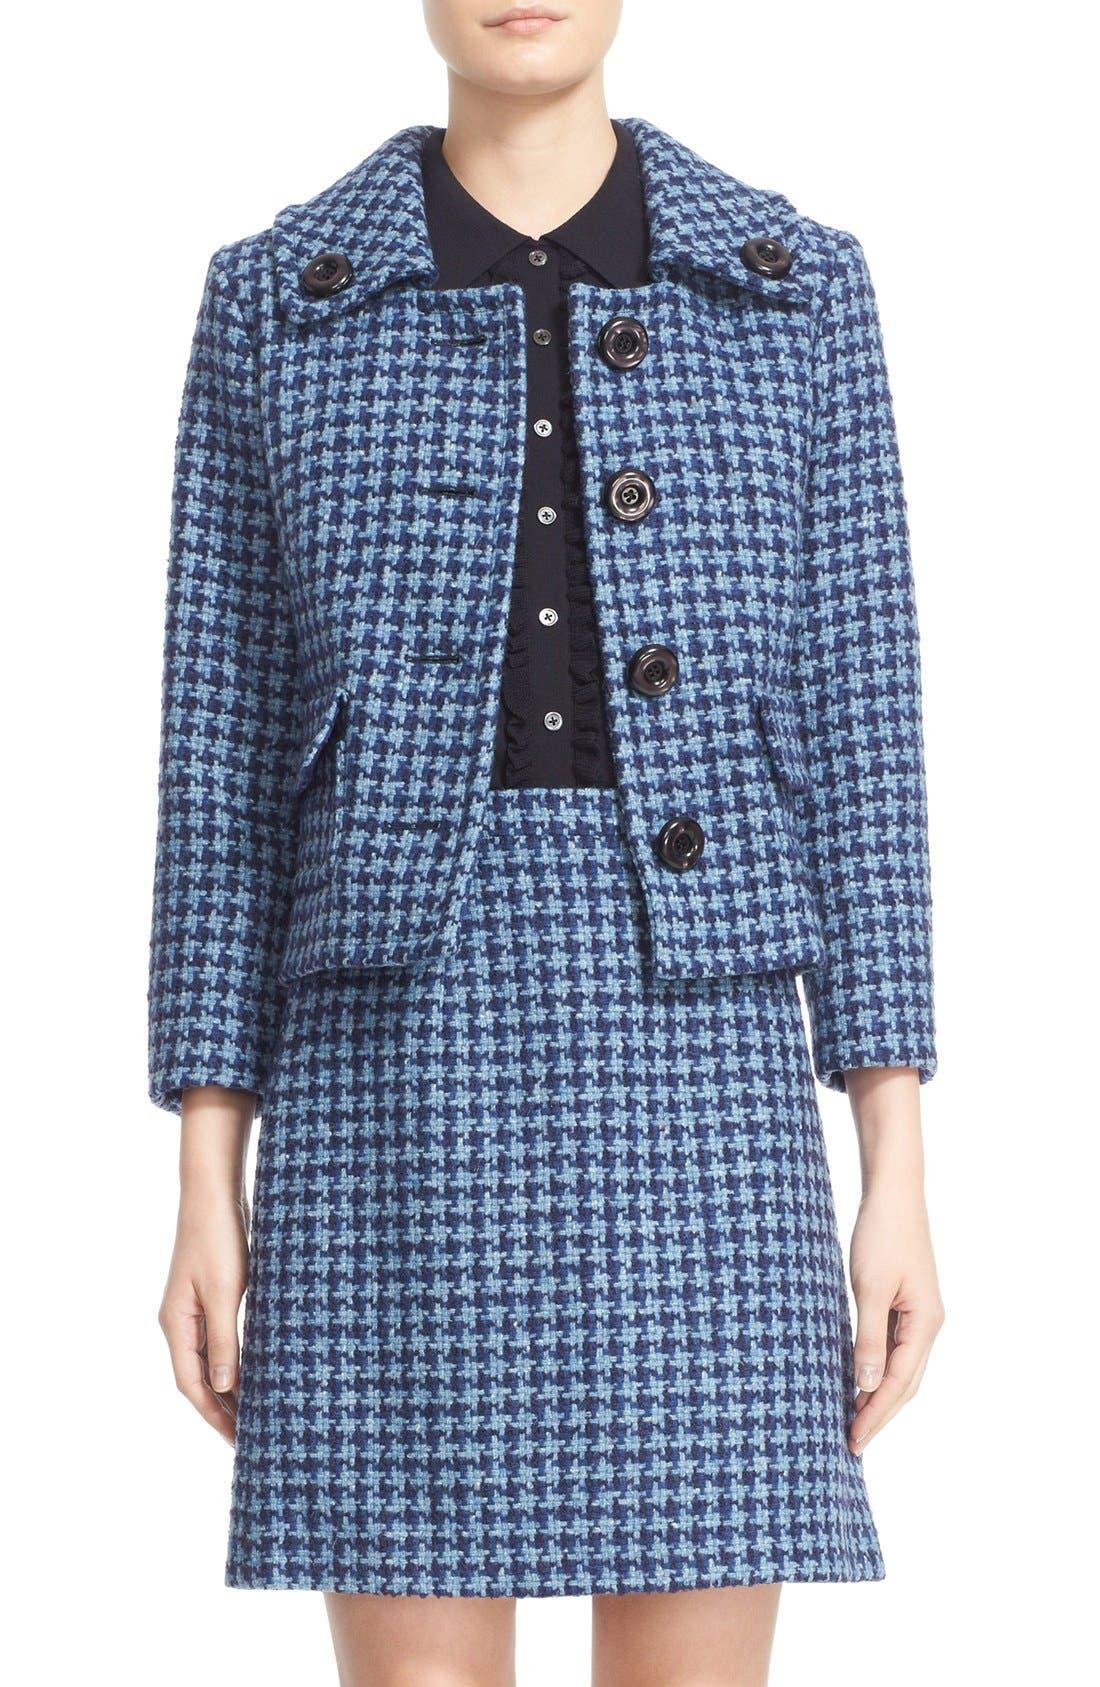 Alternate Image 1 Selected - Michael Kors Houndstooth Tweed Jacket